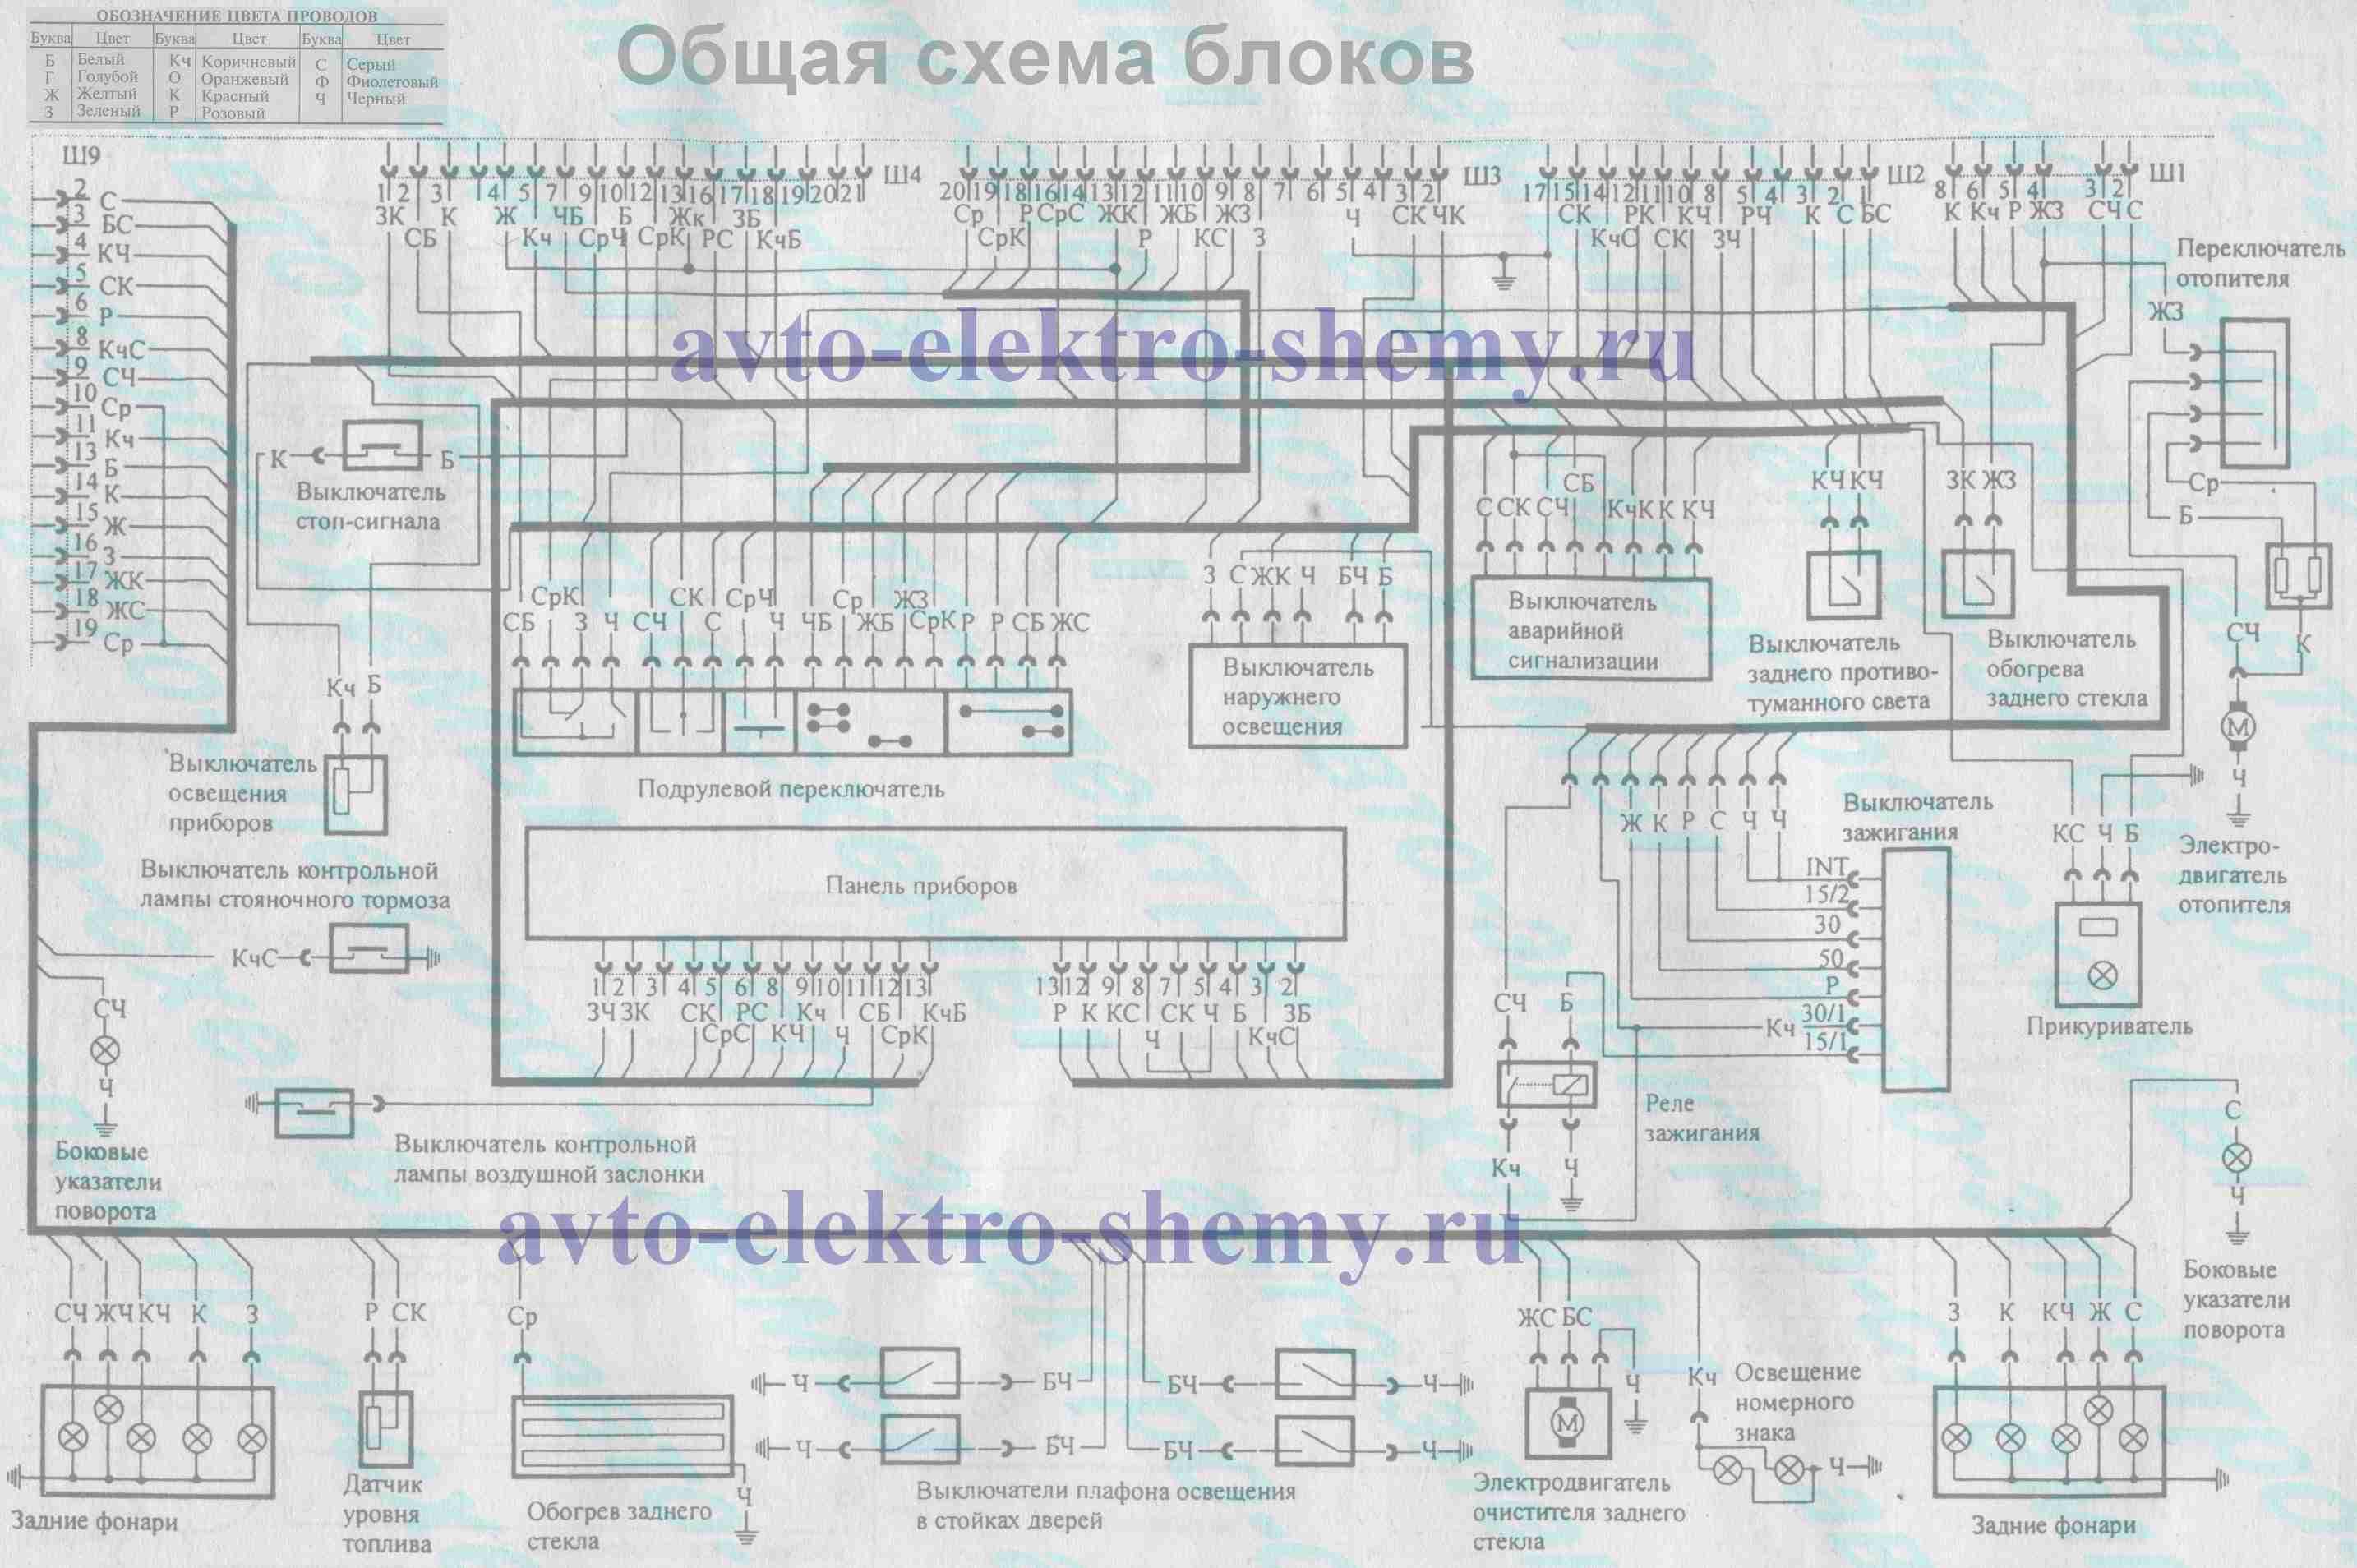 общая схема блоков ВАЗ-21099 и ВАЗ-21099i